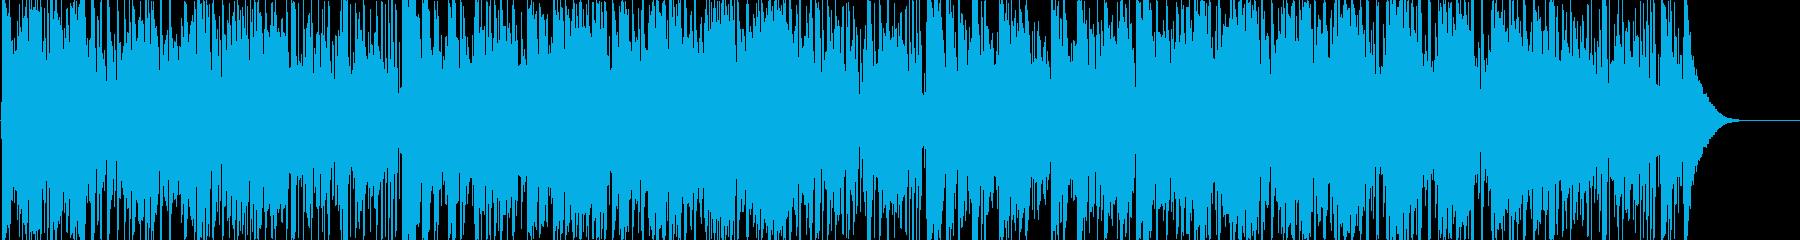 番組オープニングテーマ曲にぴったりな曲の再生済みの波形